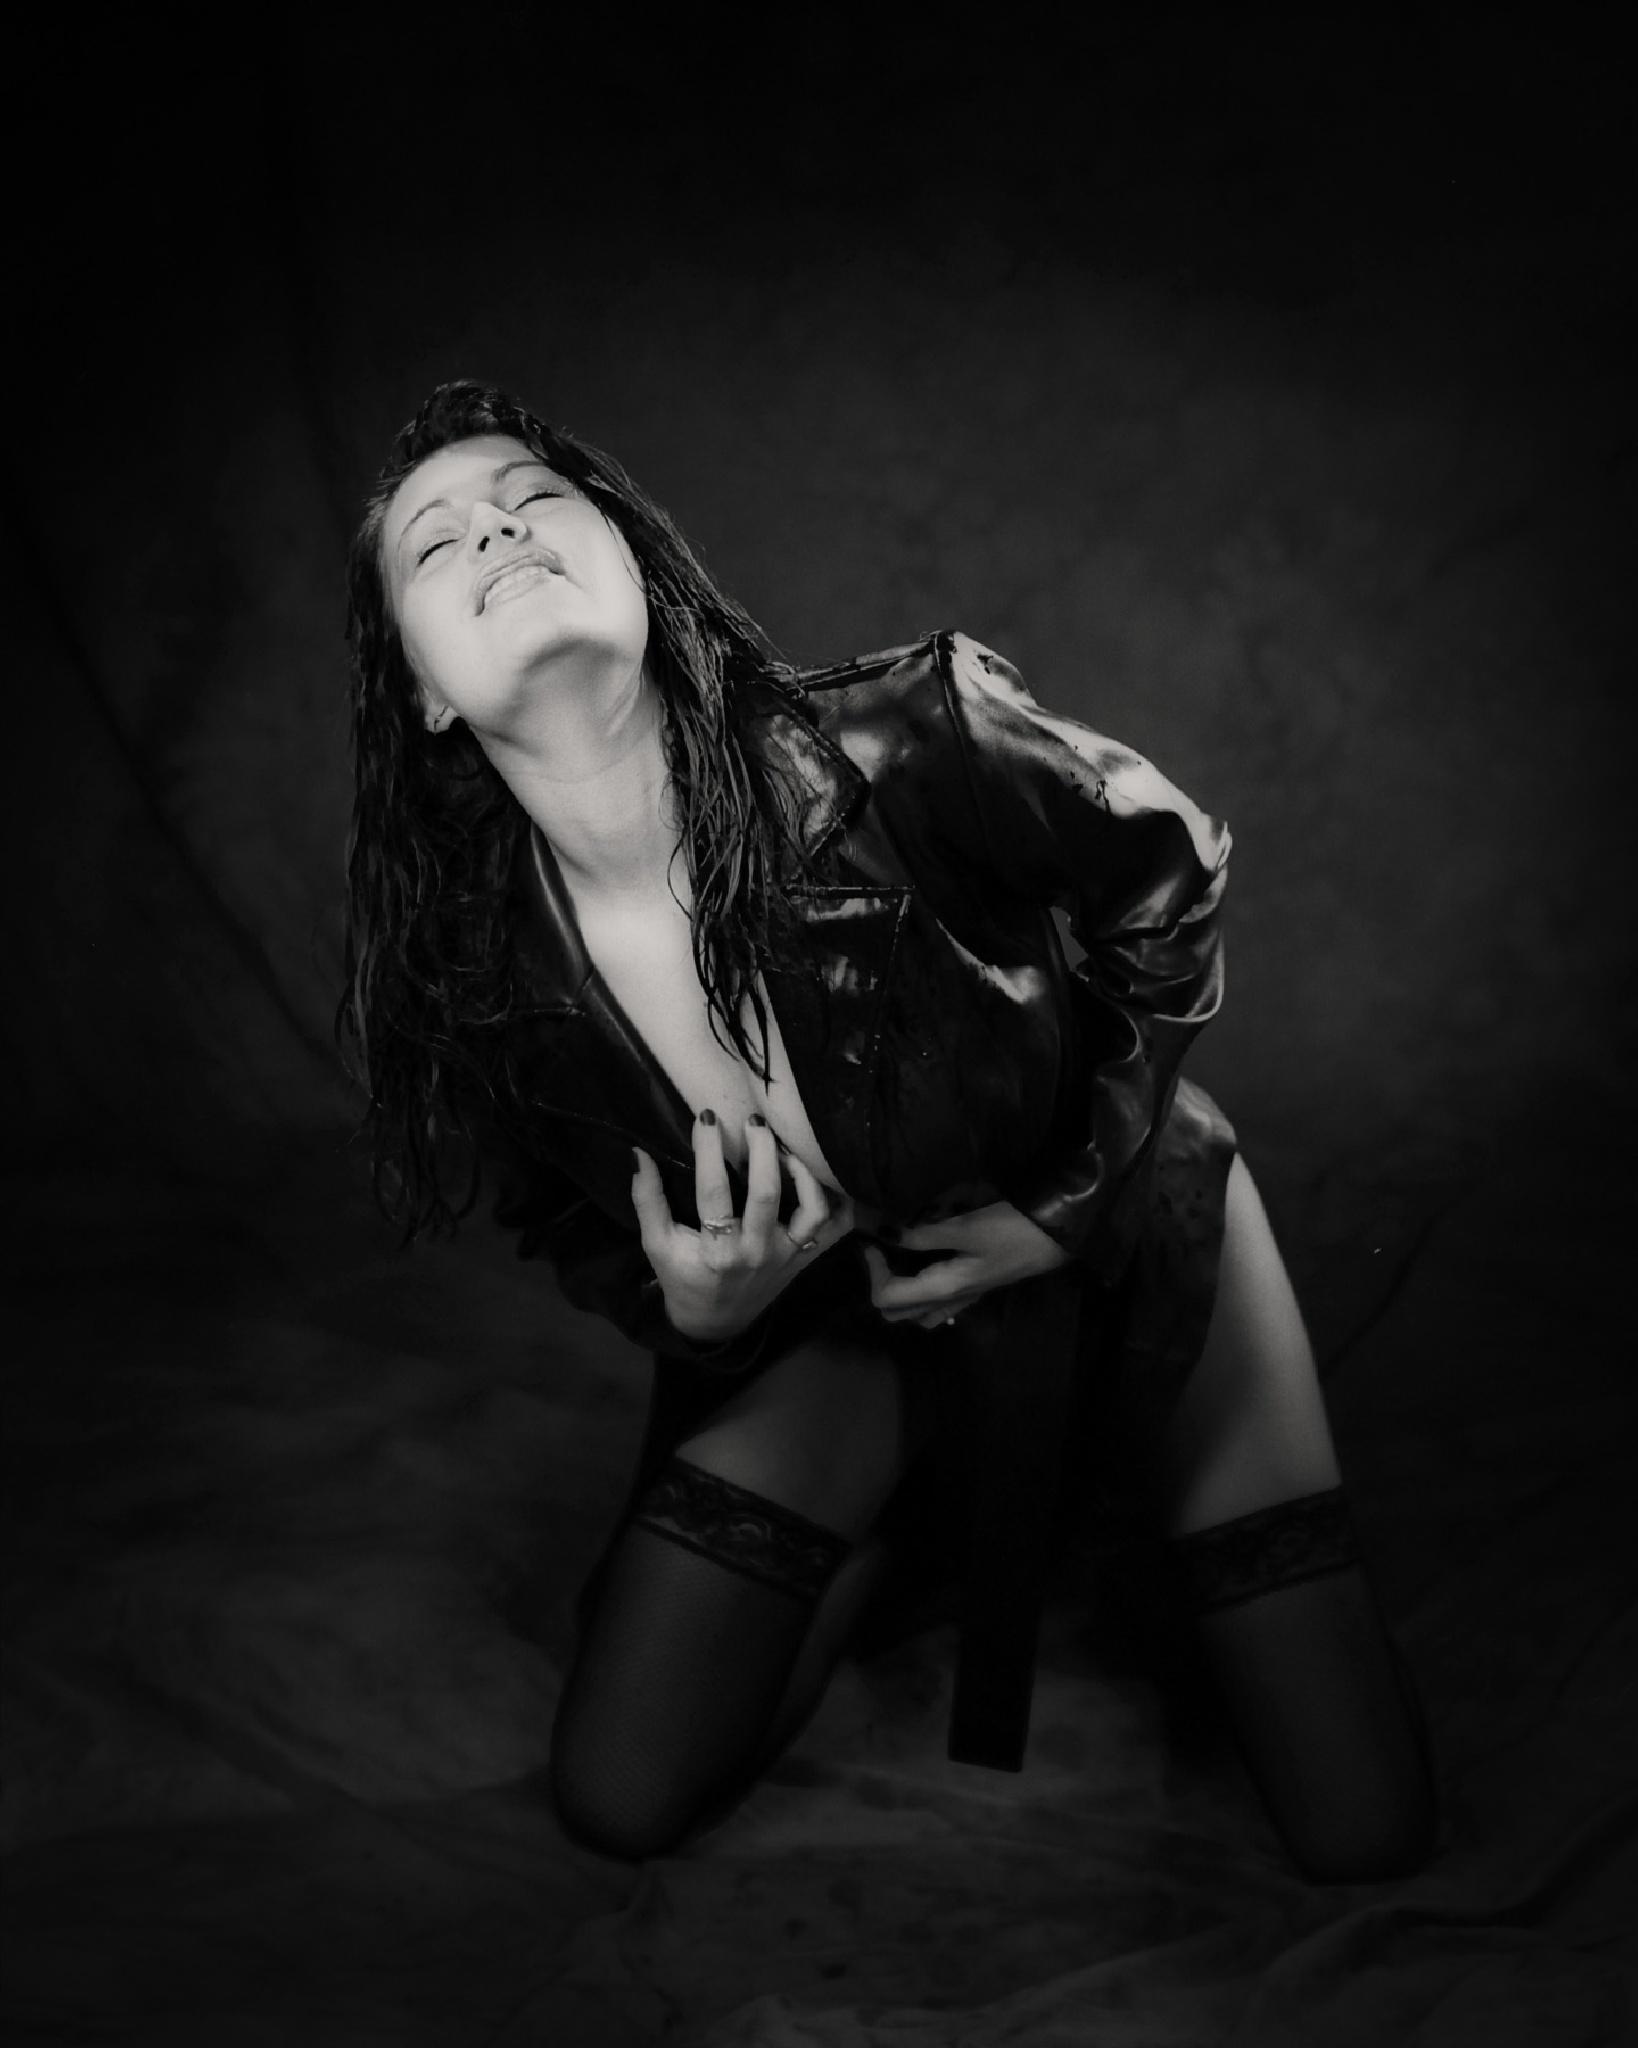 Passion by Pixforce